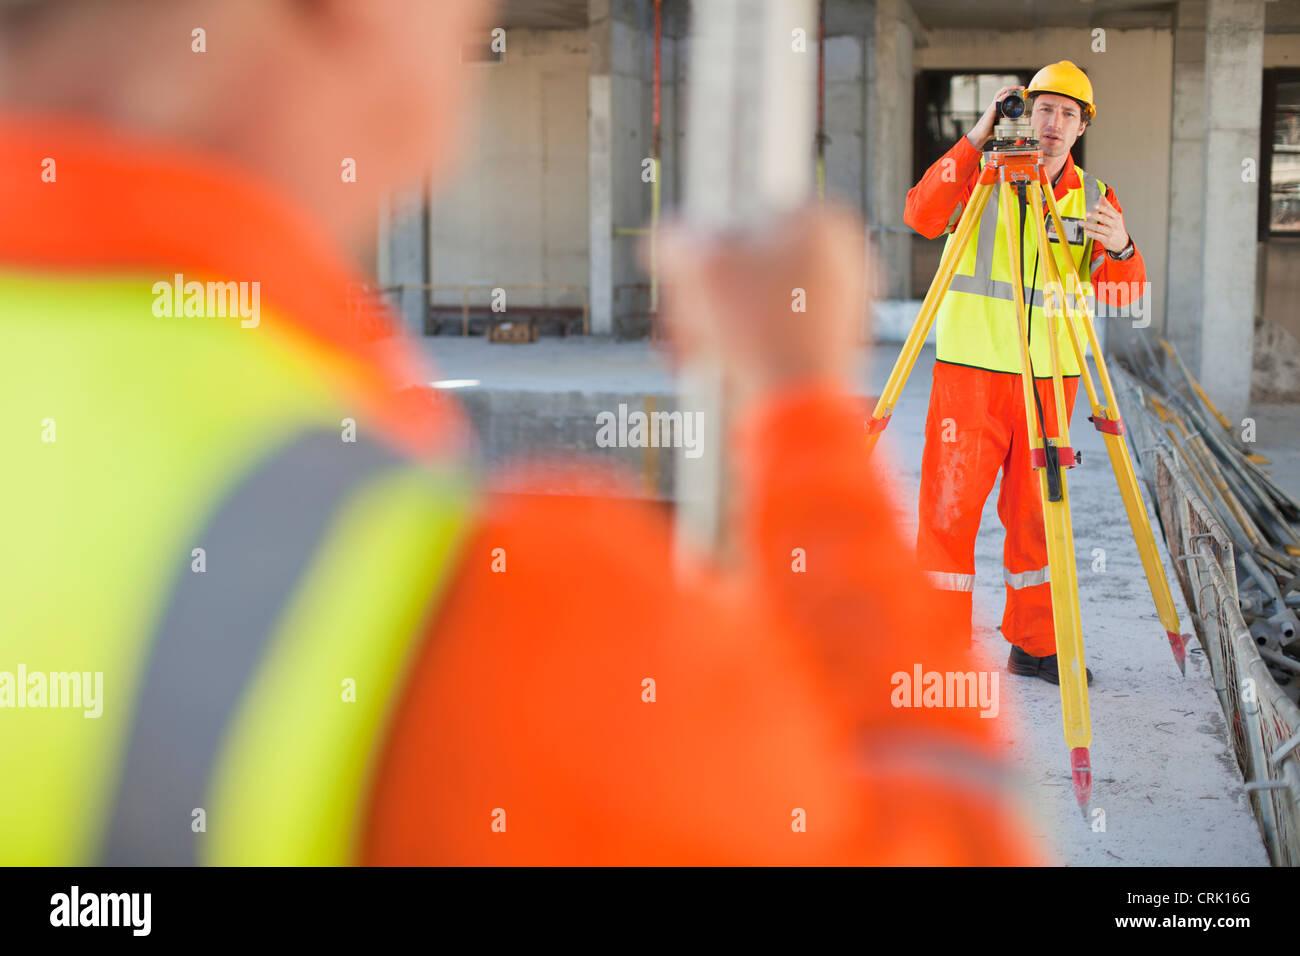 Lavoratori che utilizzano attrezzature in loco Immagini Stock